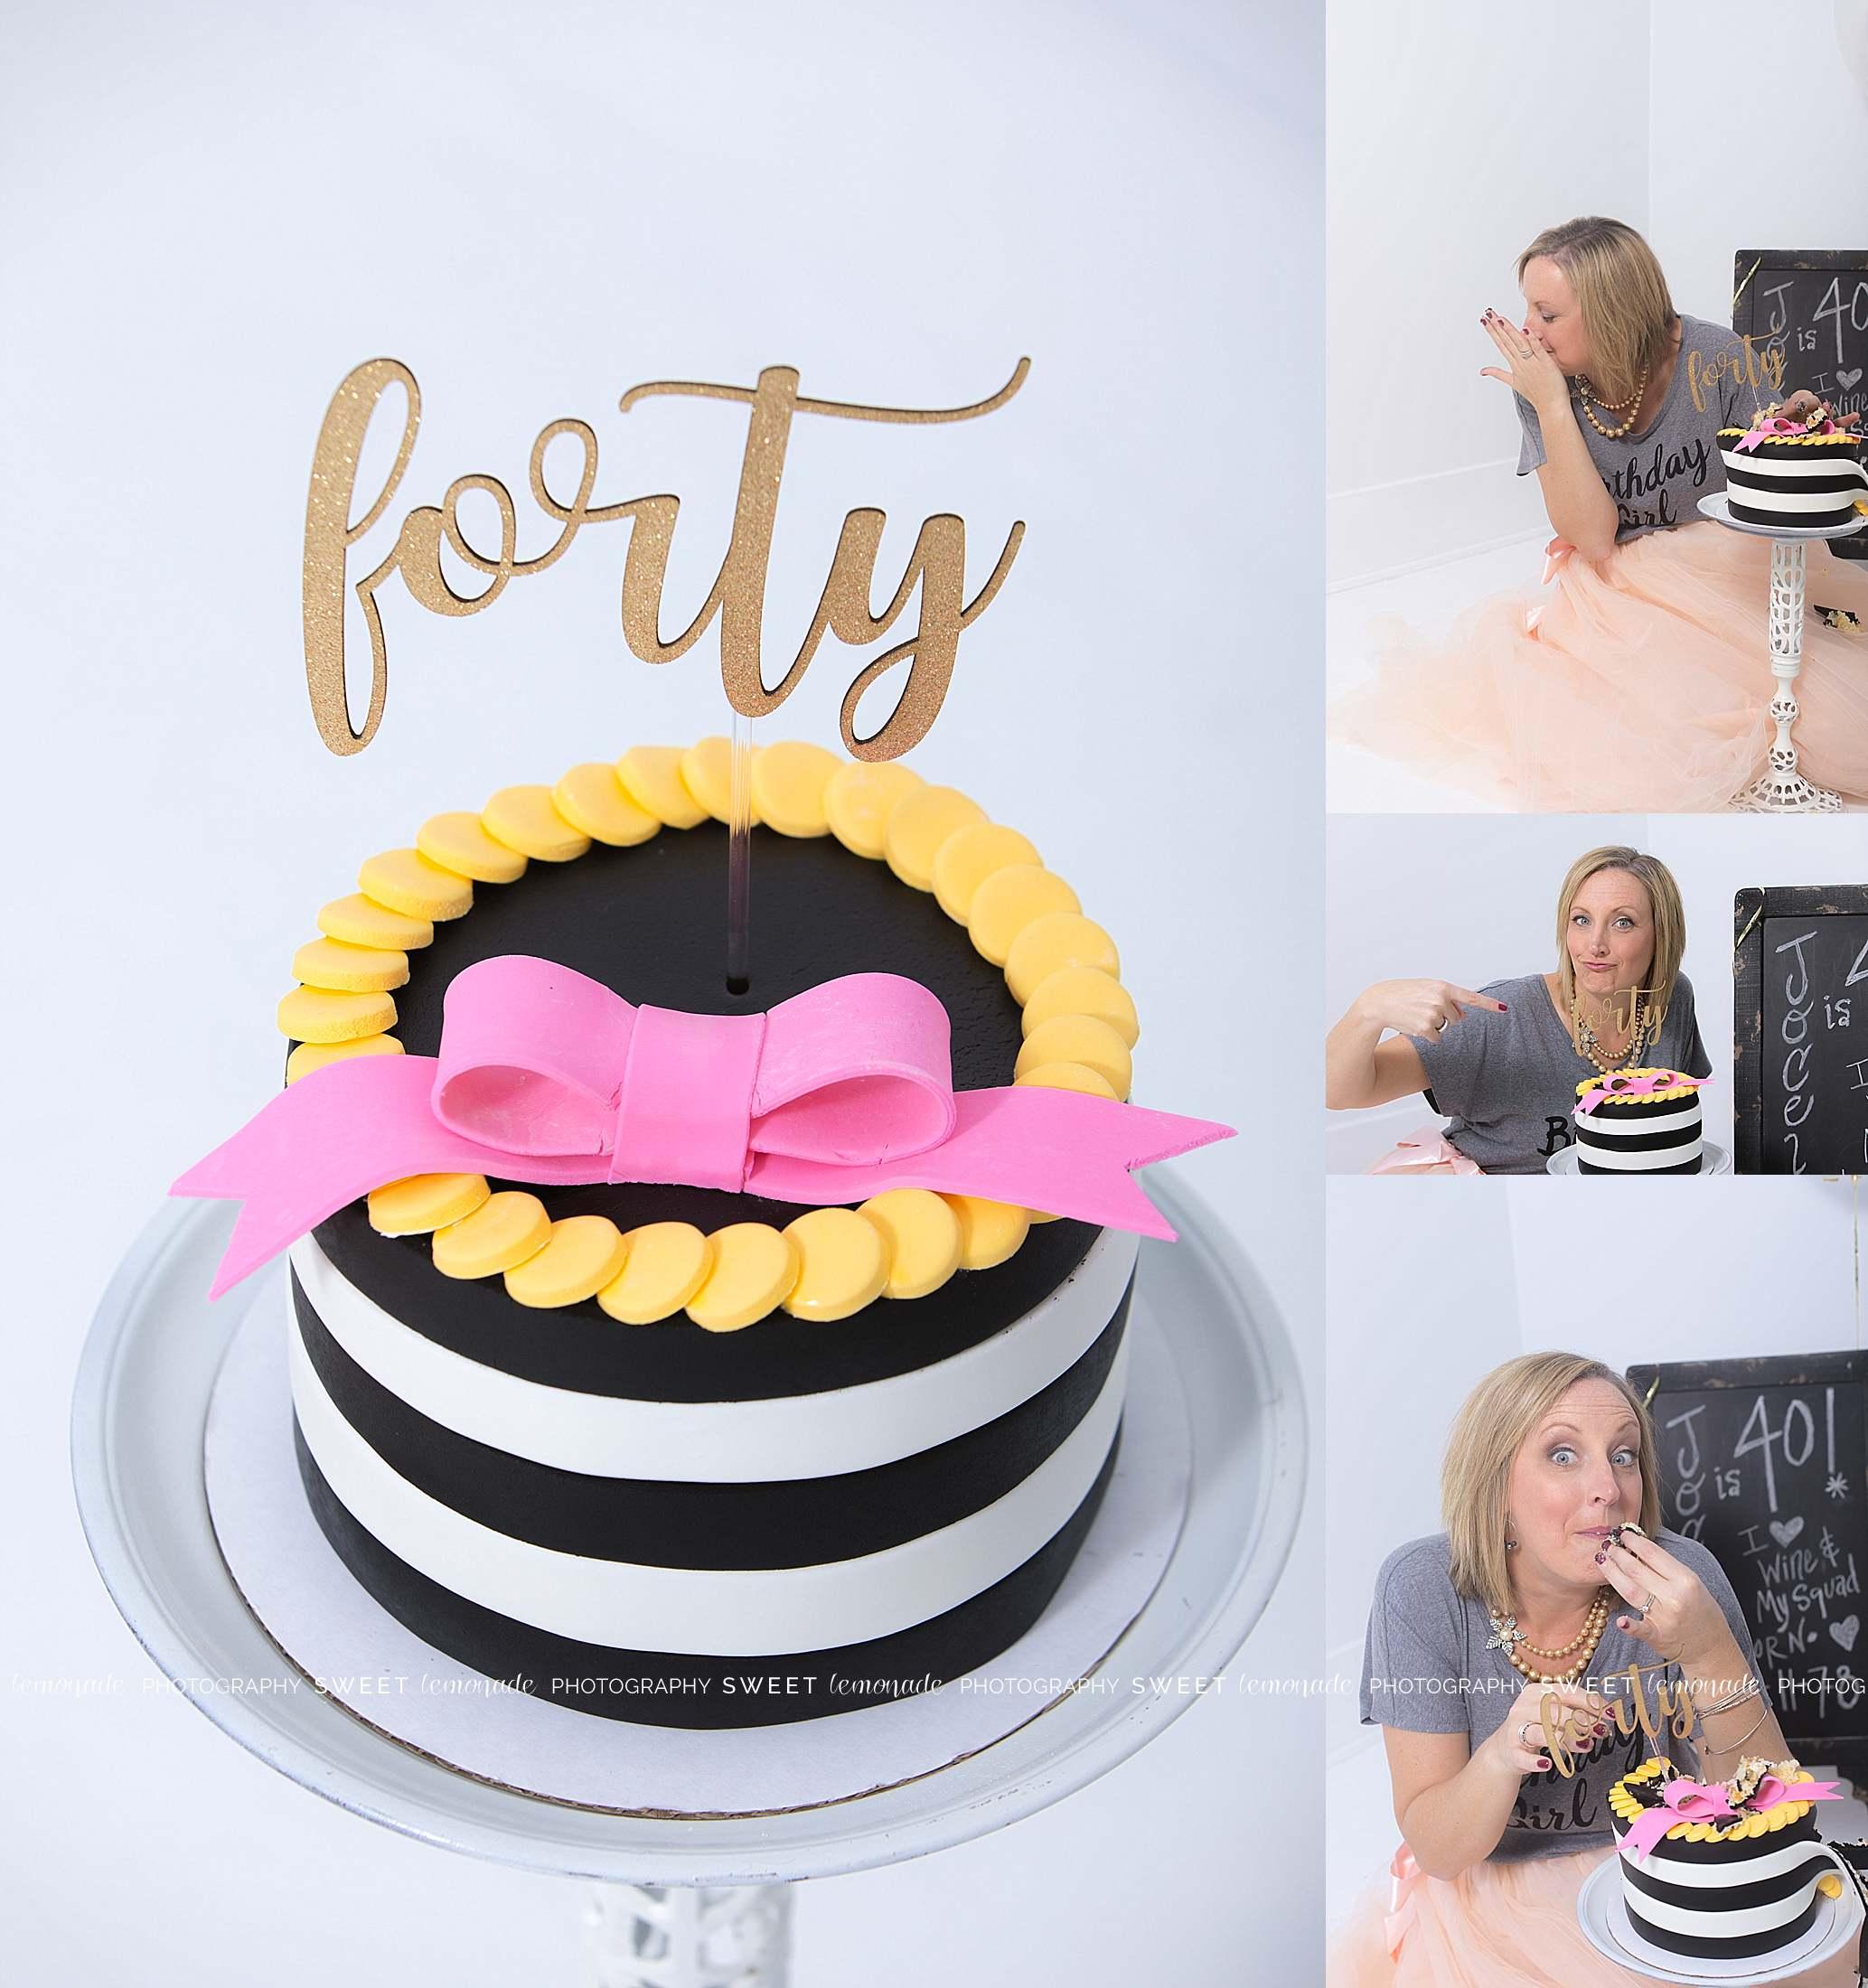 40-year-old-woman-adult-cake-smash-kate-spade-fondant_1921.jpg